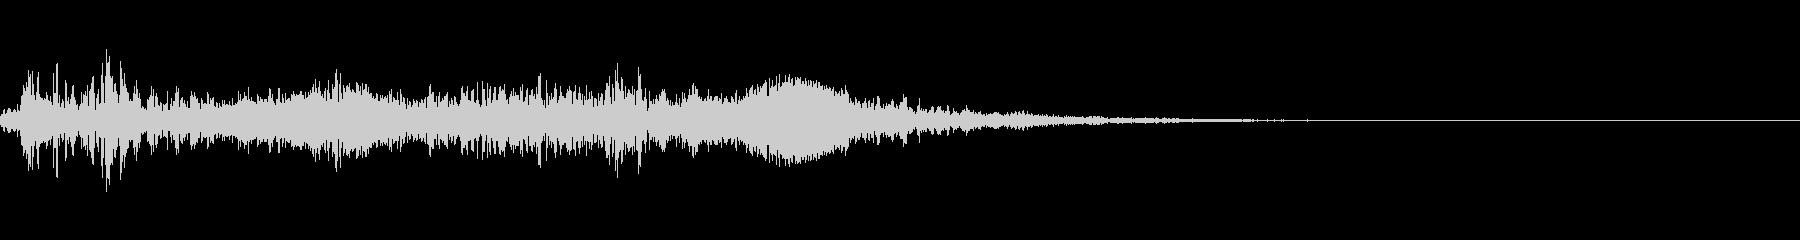 ホラー系導入音_その11の未再生の波形